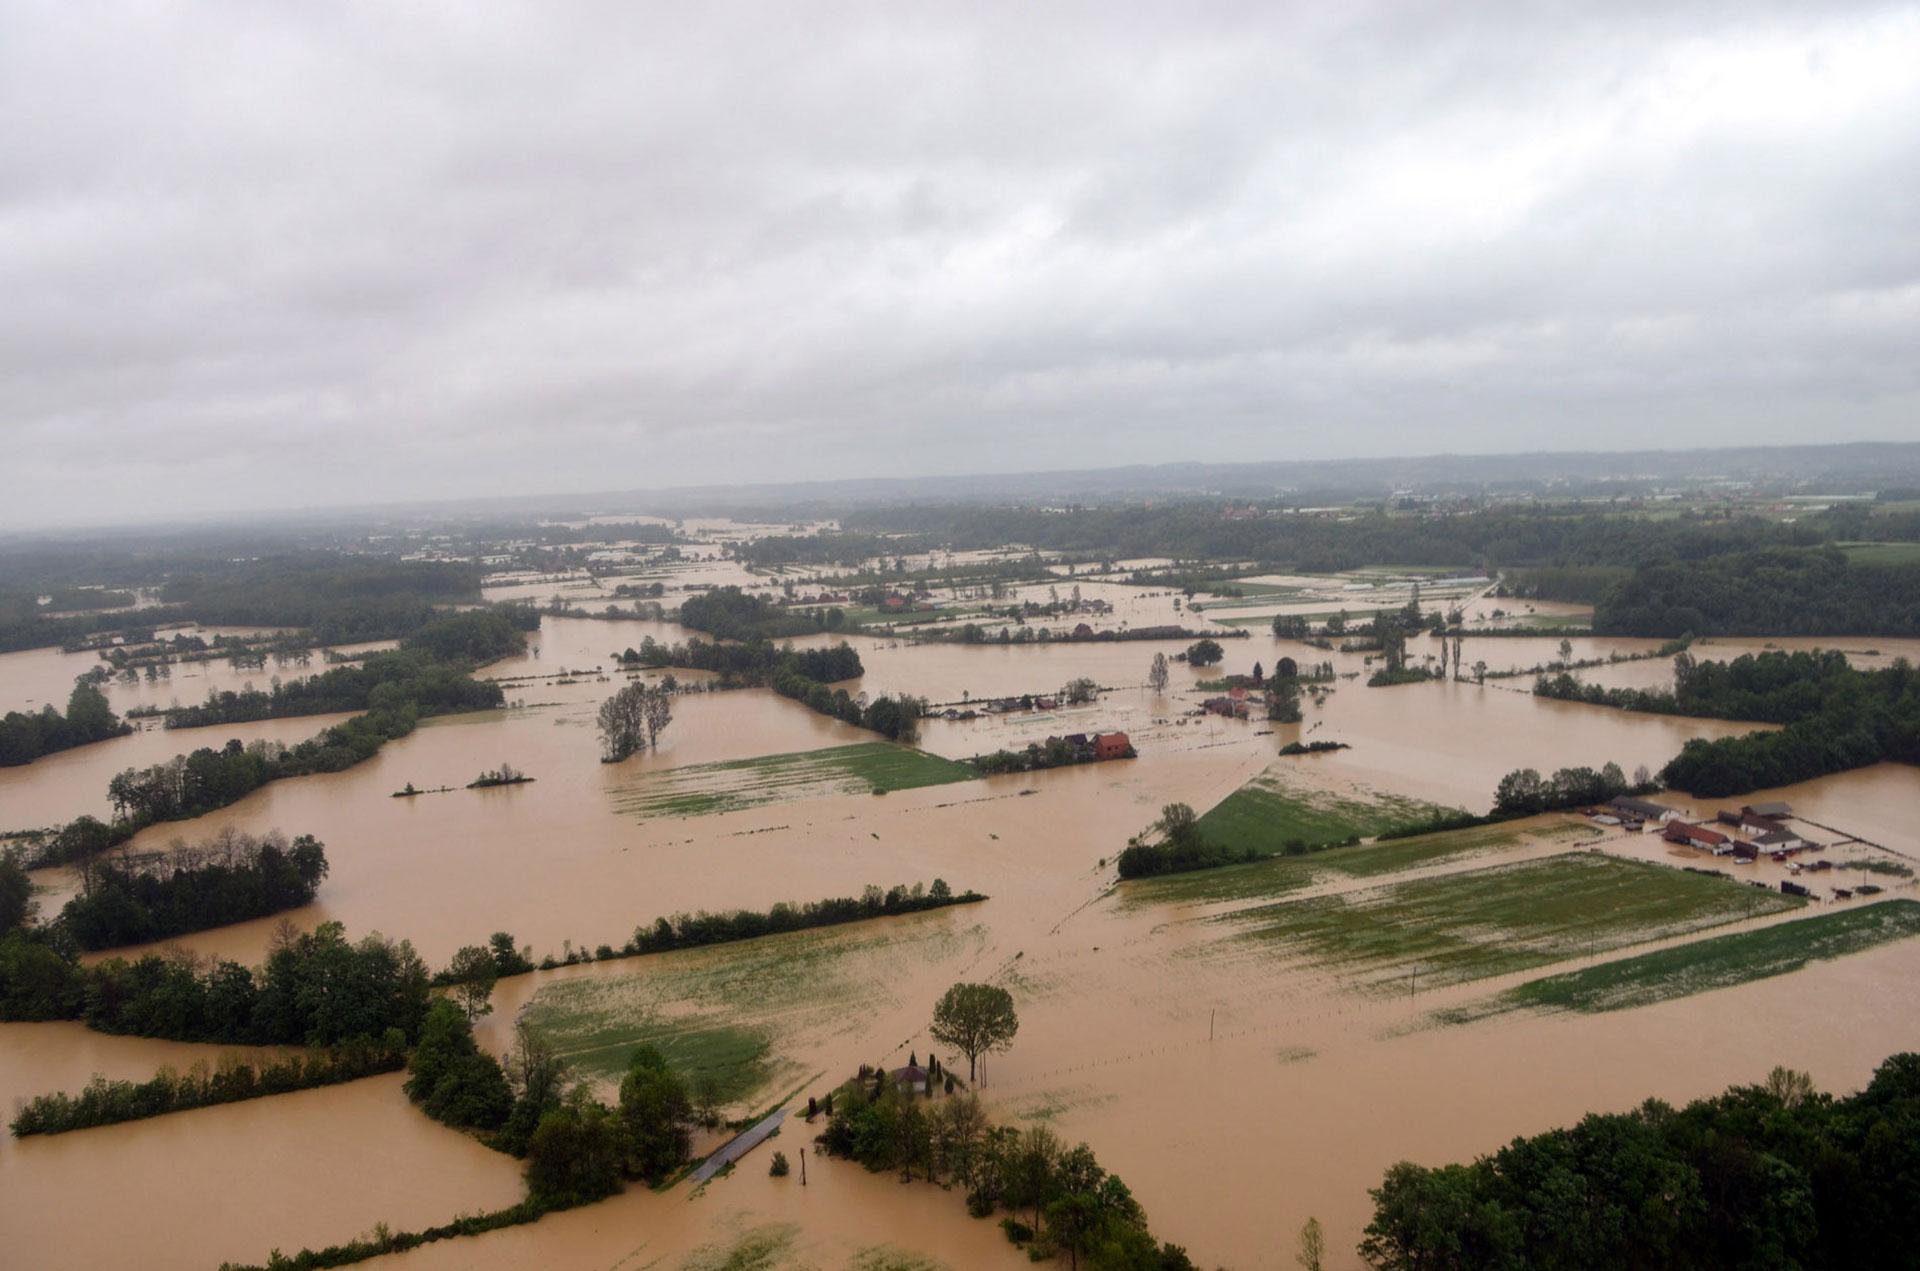 srbija zbog poplava evakuisano 6175 ljudi povrijedjeno 20 1400222300 Poplave u Srbiji: Voda će se povući, a gde će sav taj stres?